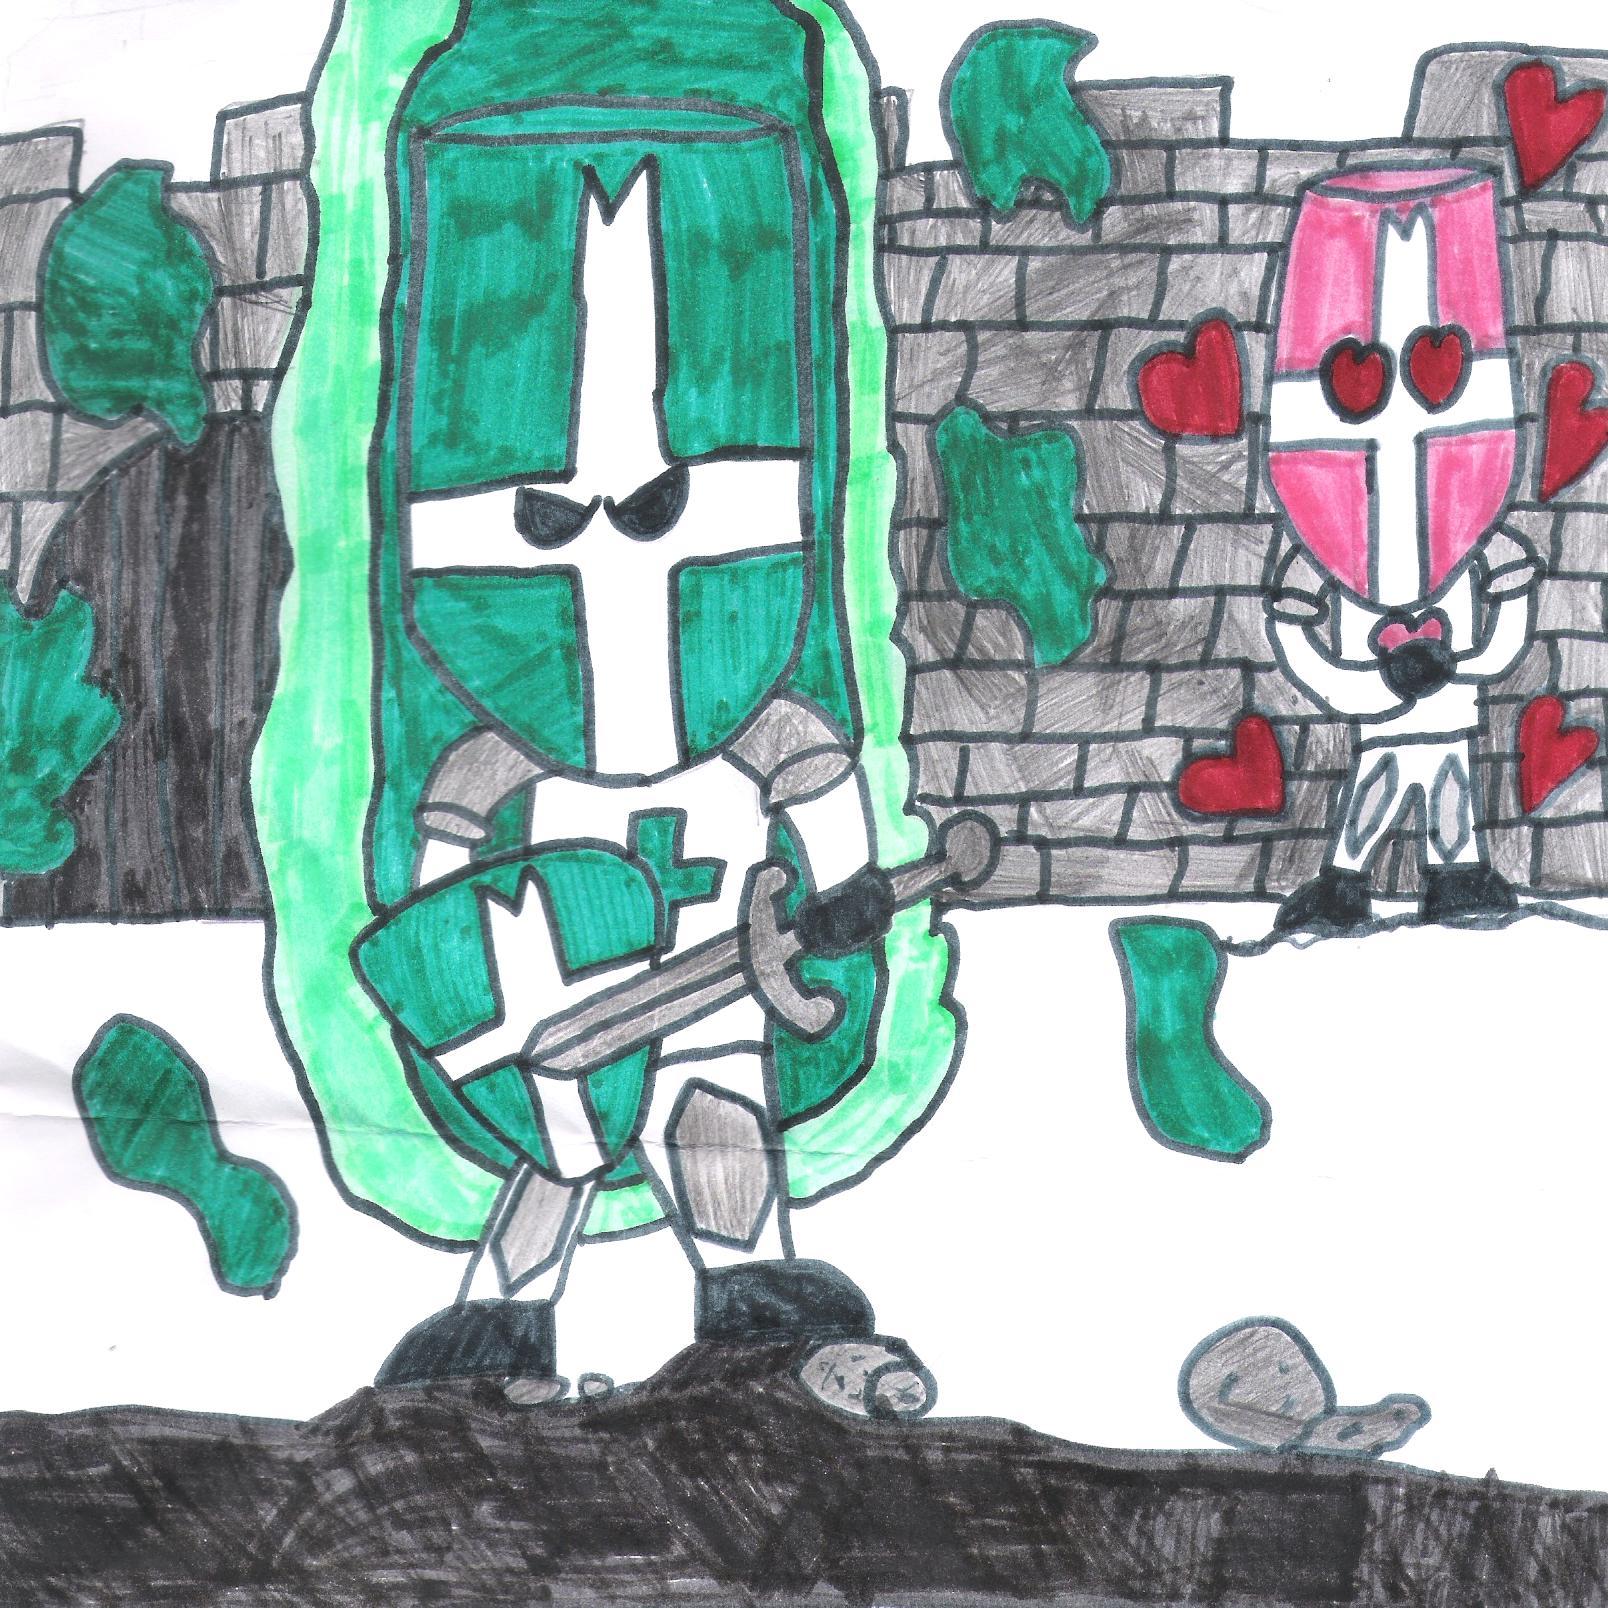 Green Soilder